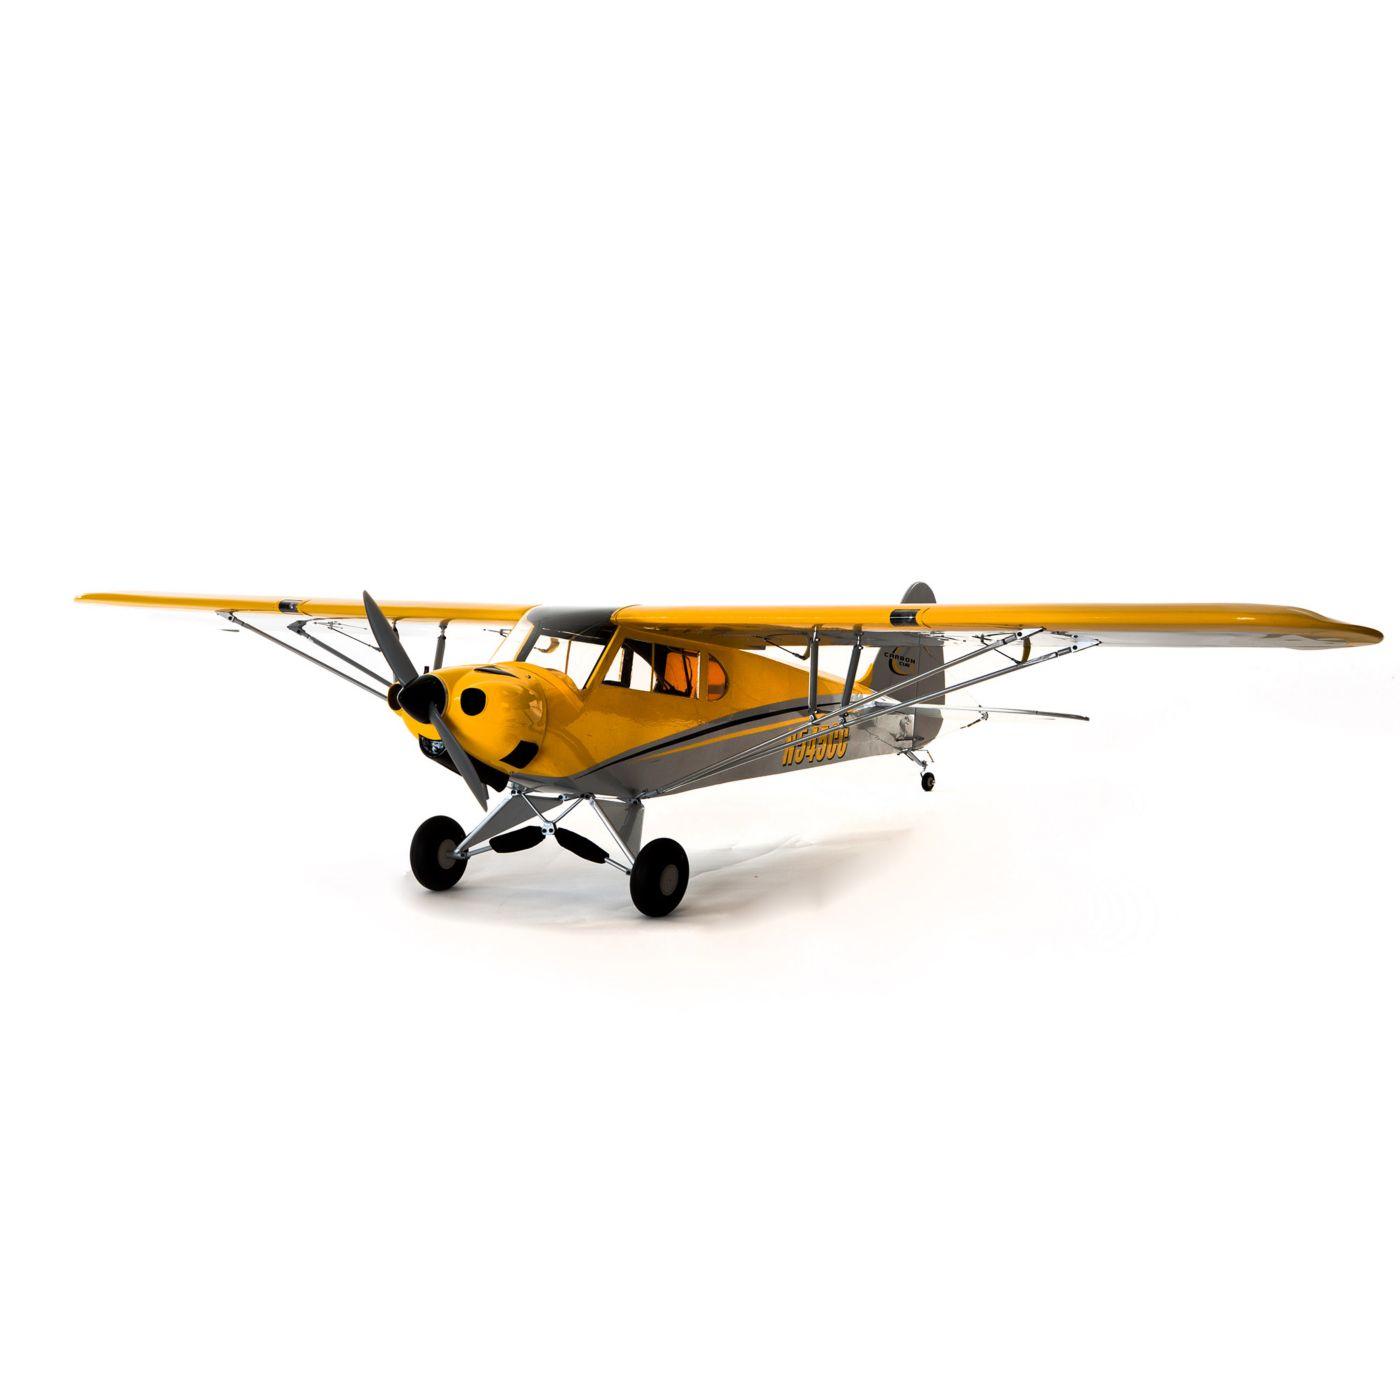 Carbon Cub hangar 9